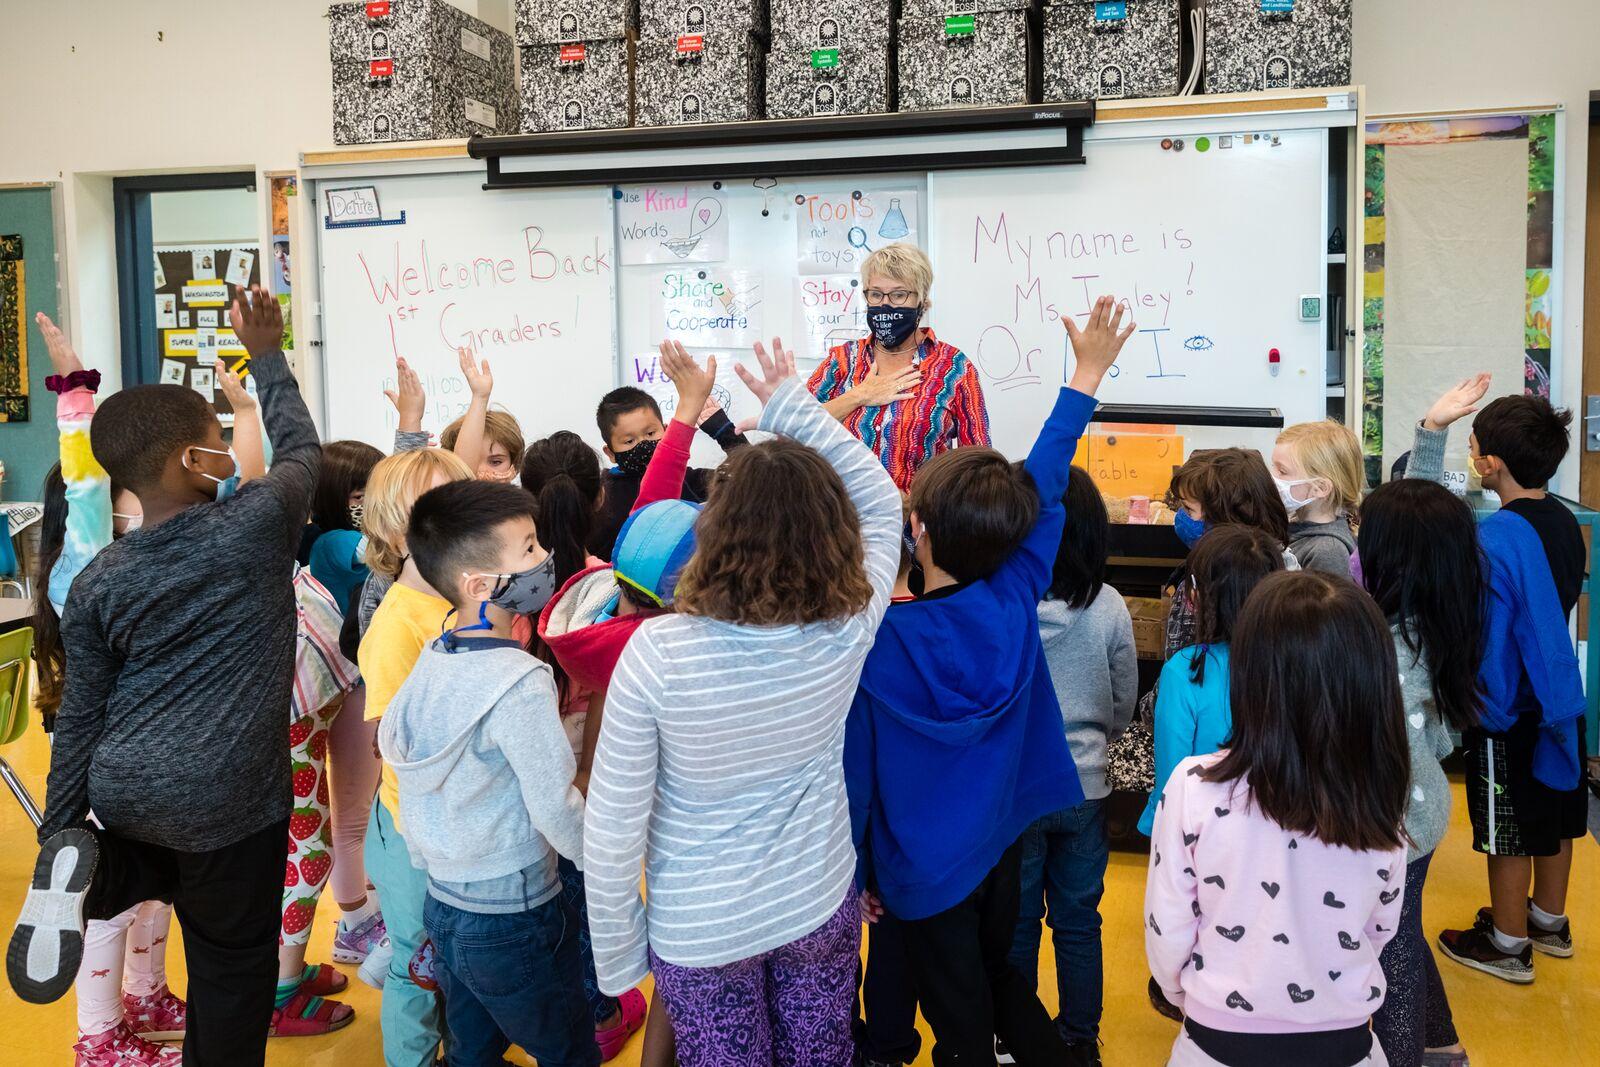 Washington Elementary School 1st grade teacher Ms. Ingley instructs students on August 16, 2021. Credit: Kelly Sullivan